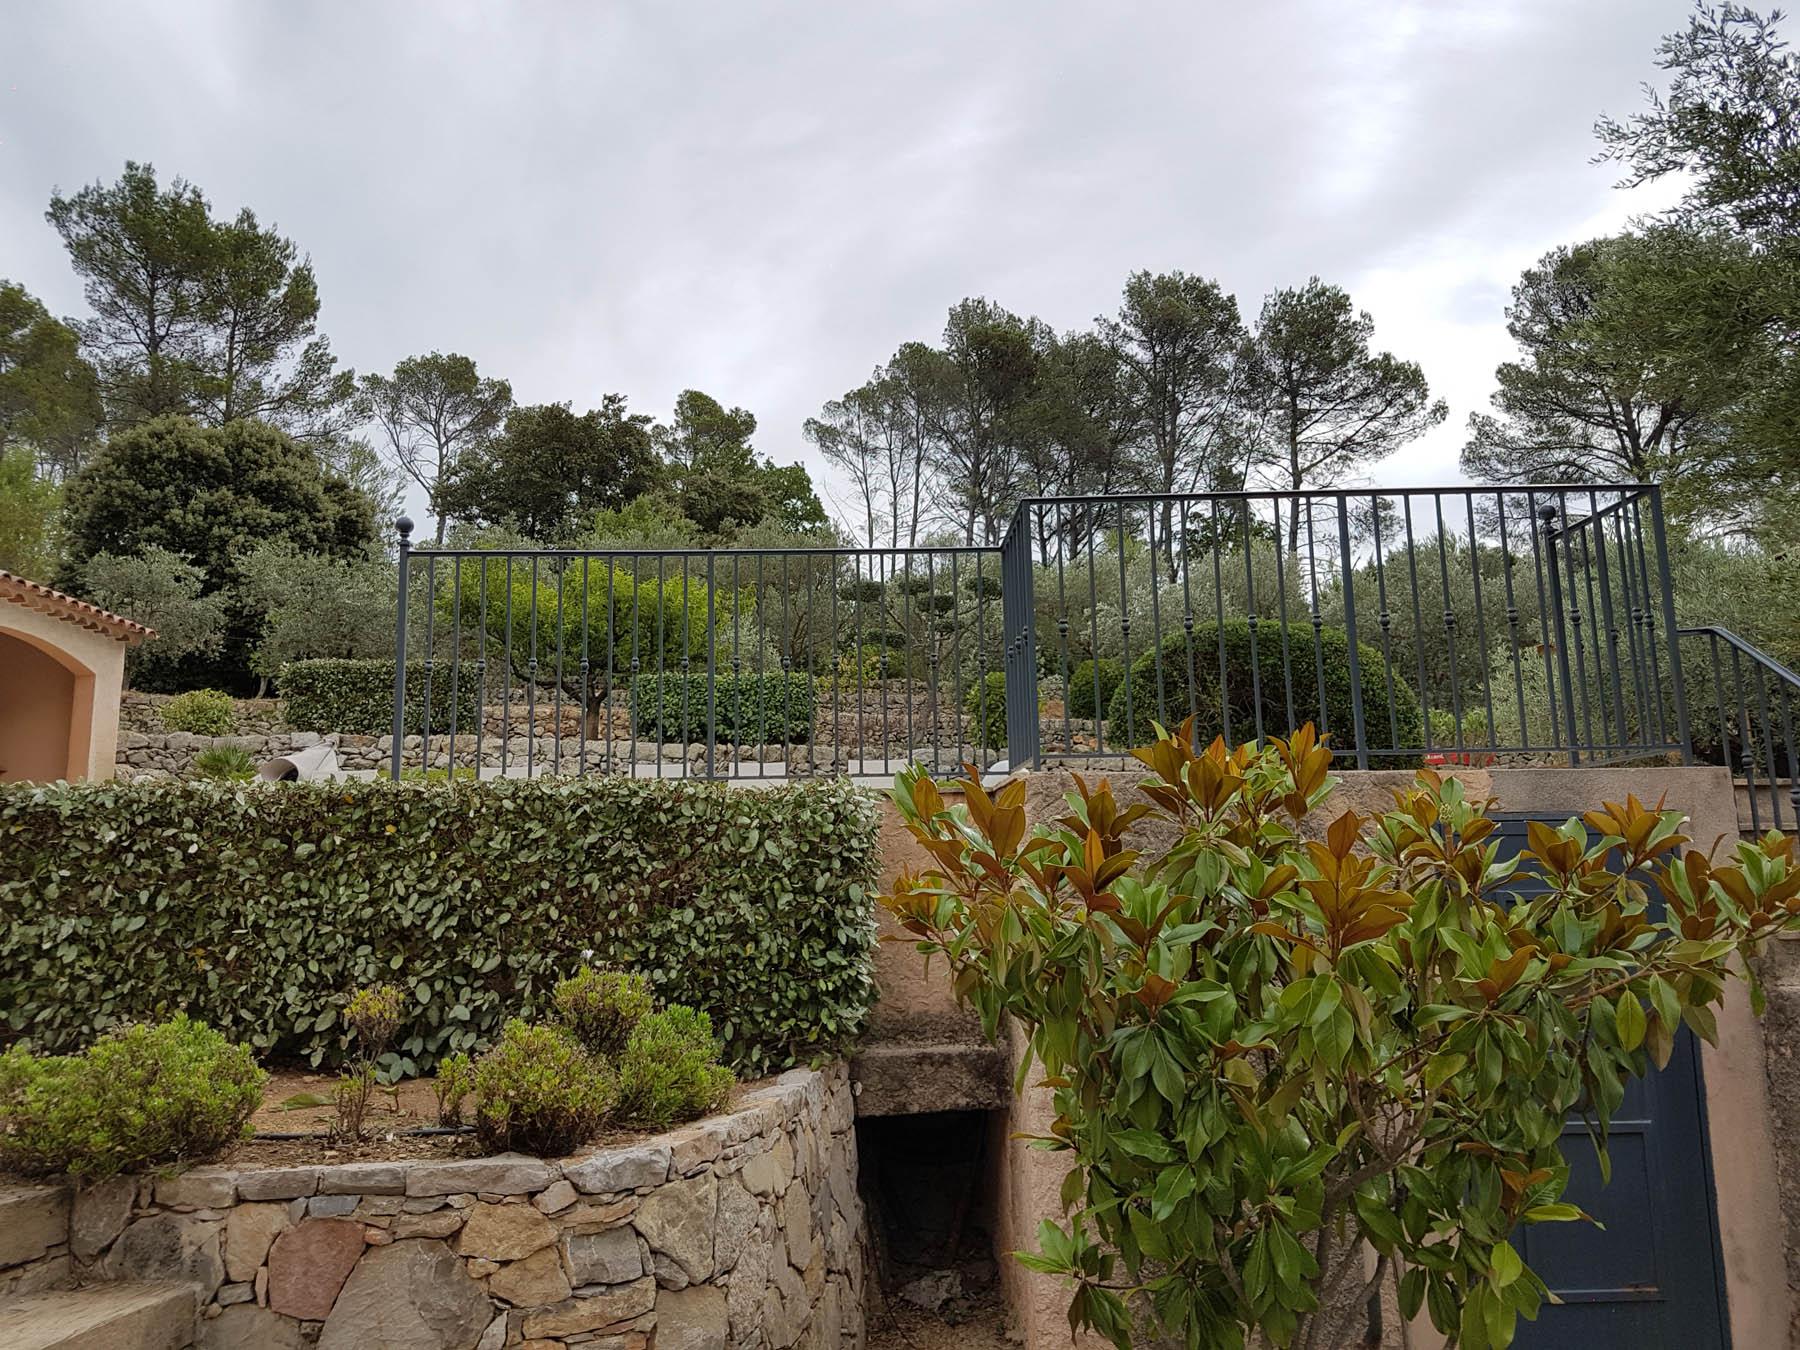 nettoyage et taille d 39 un jardin entretien de propri t s On entretien jardin frejus